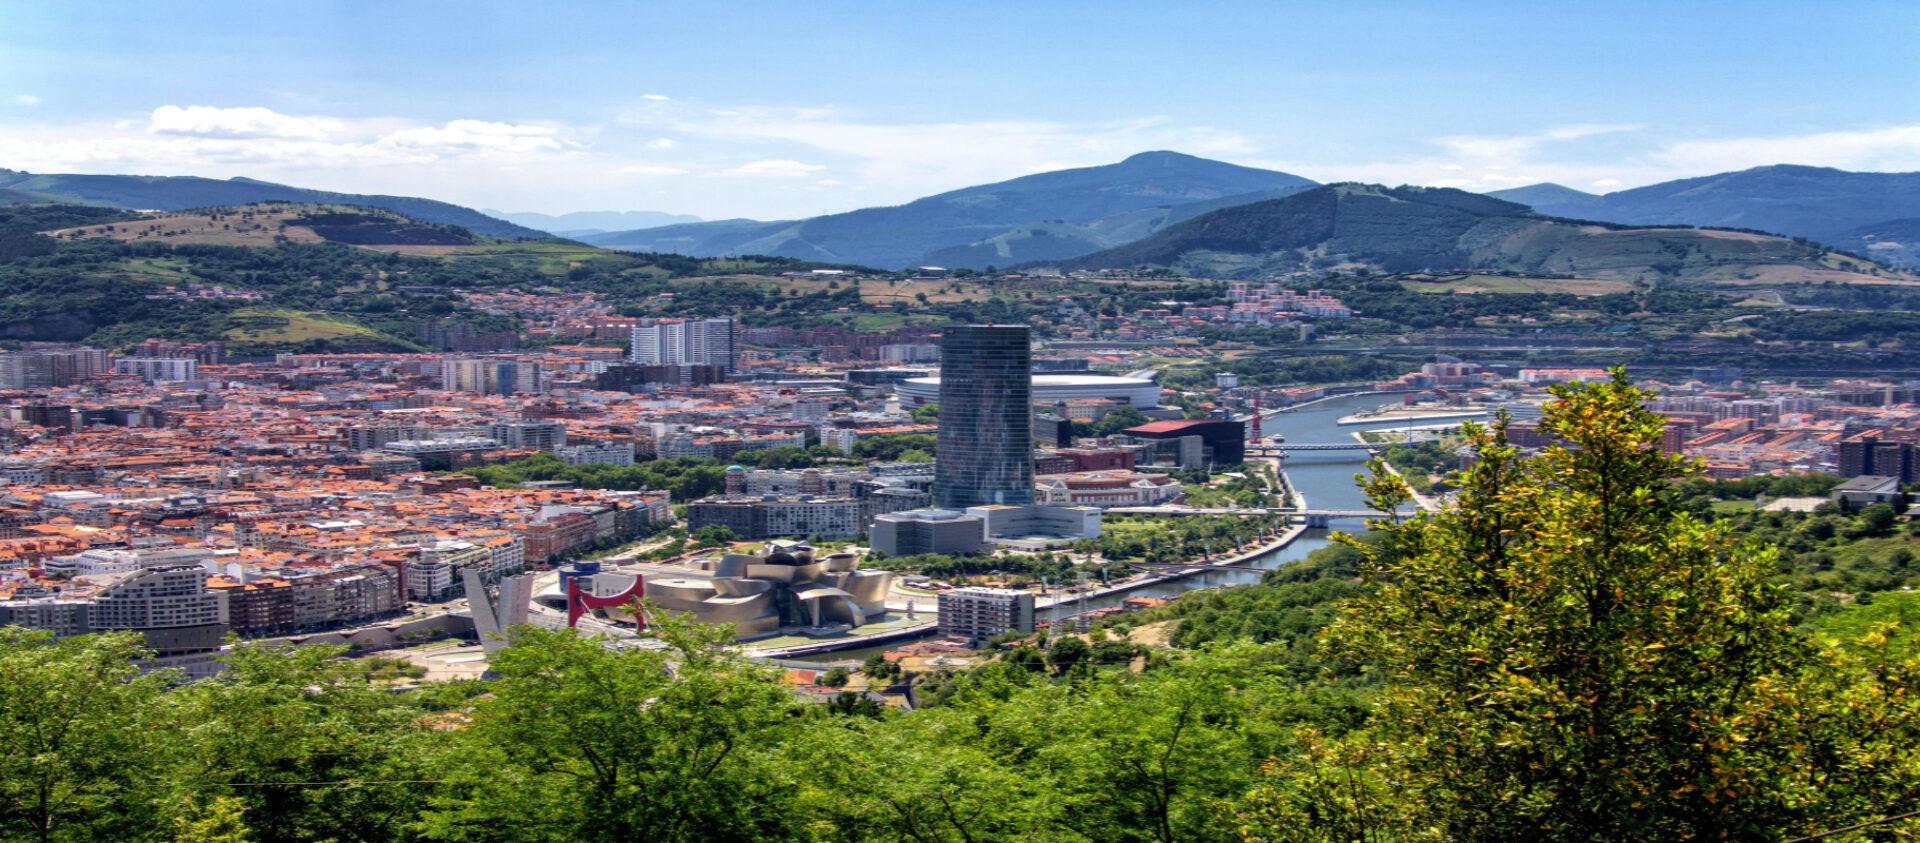 Bilbao.dk